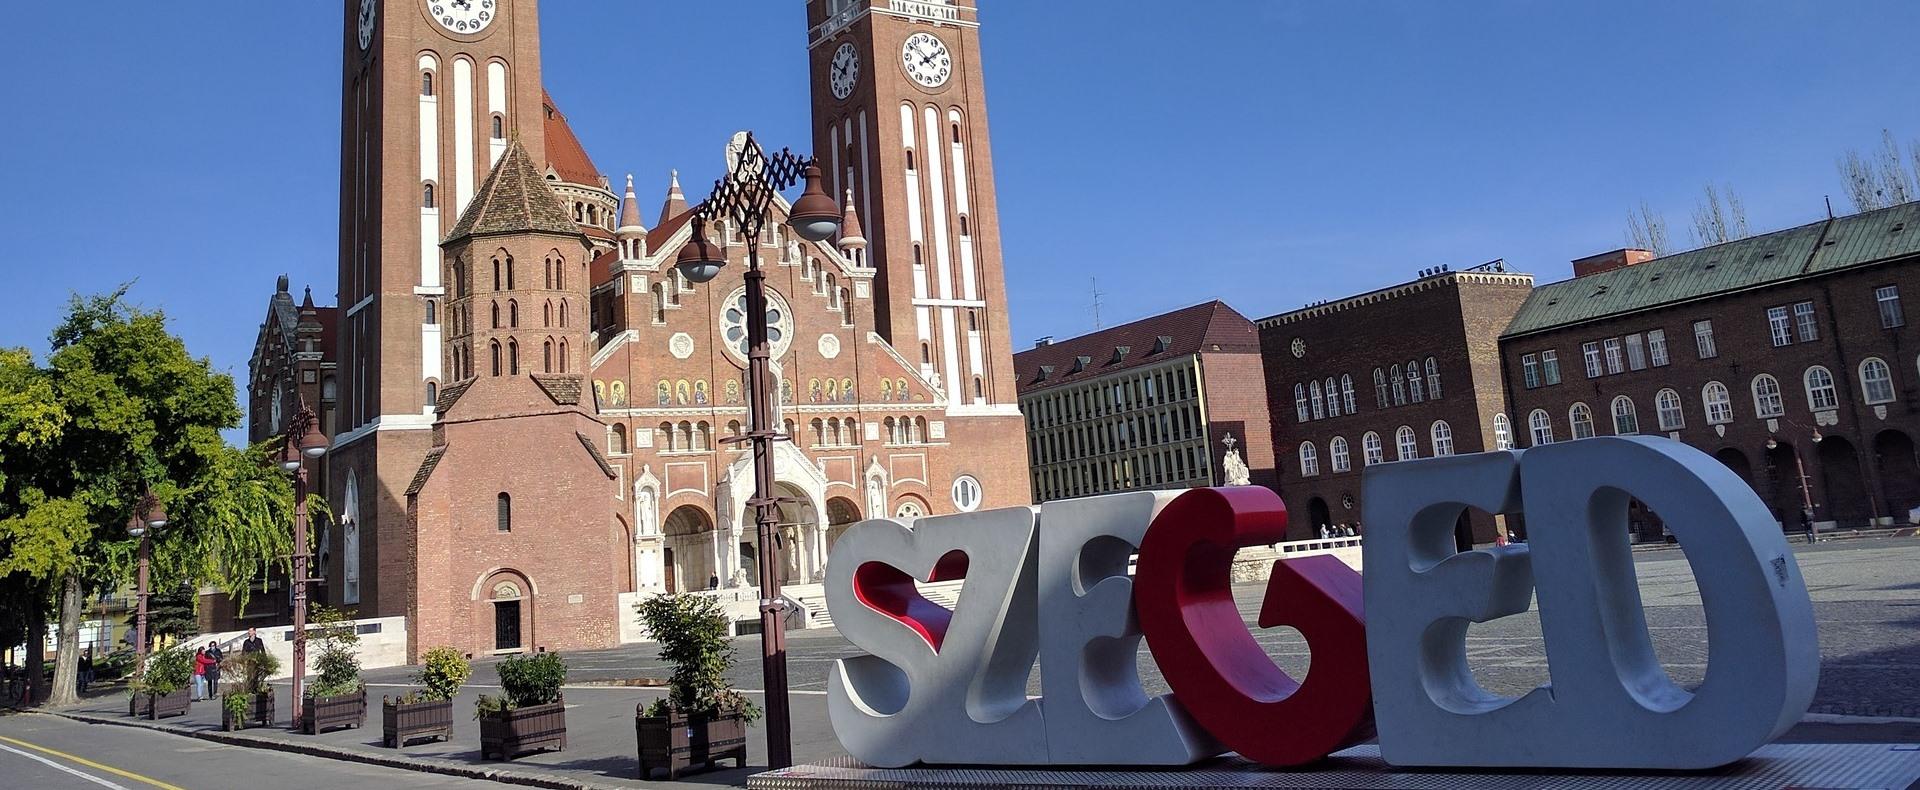 Kezdődik az Egyetemi tavasz programja Szegeden